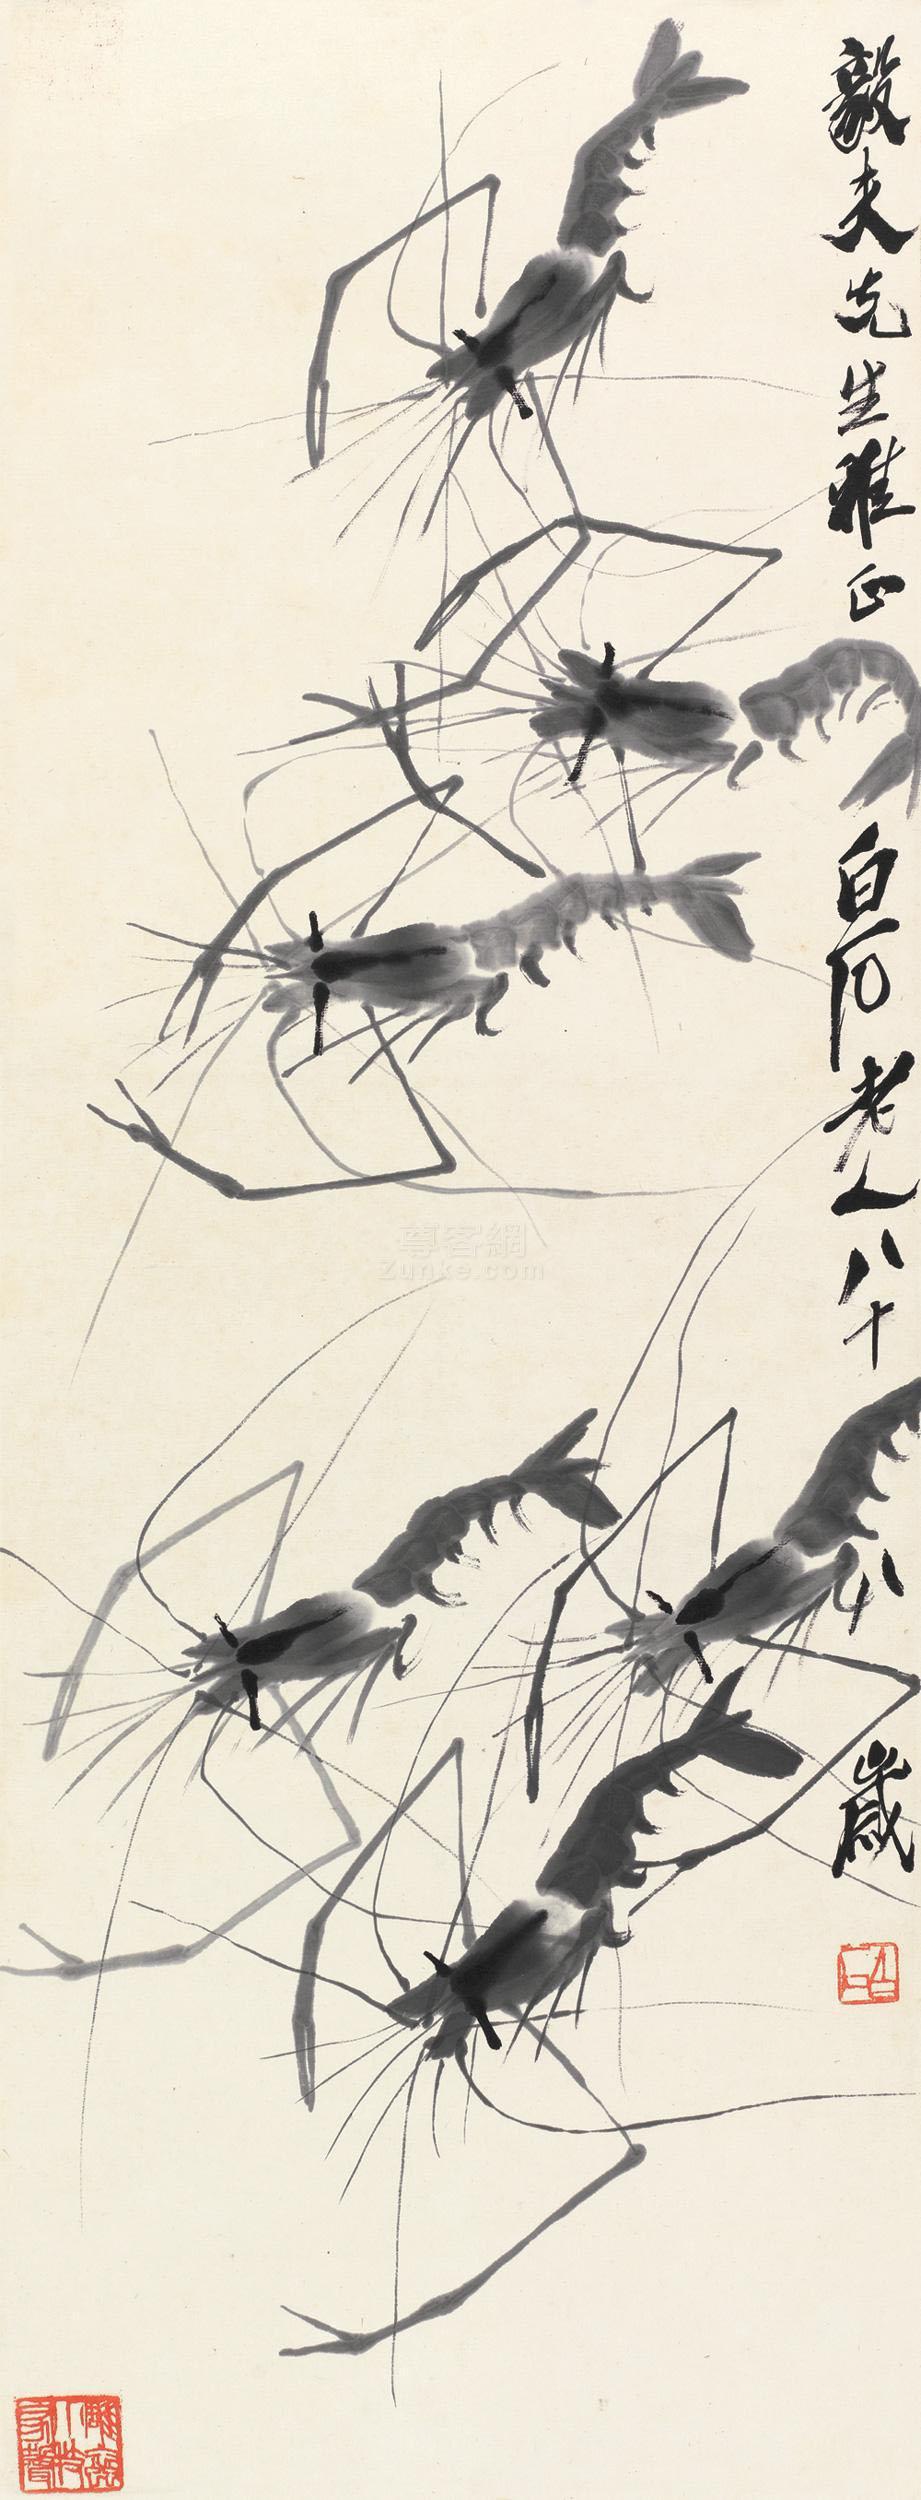 齐白石 墨虾 镜片 水墨纸本作品欣赏